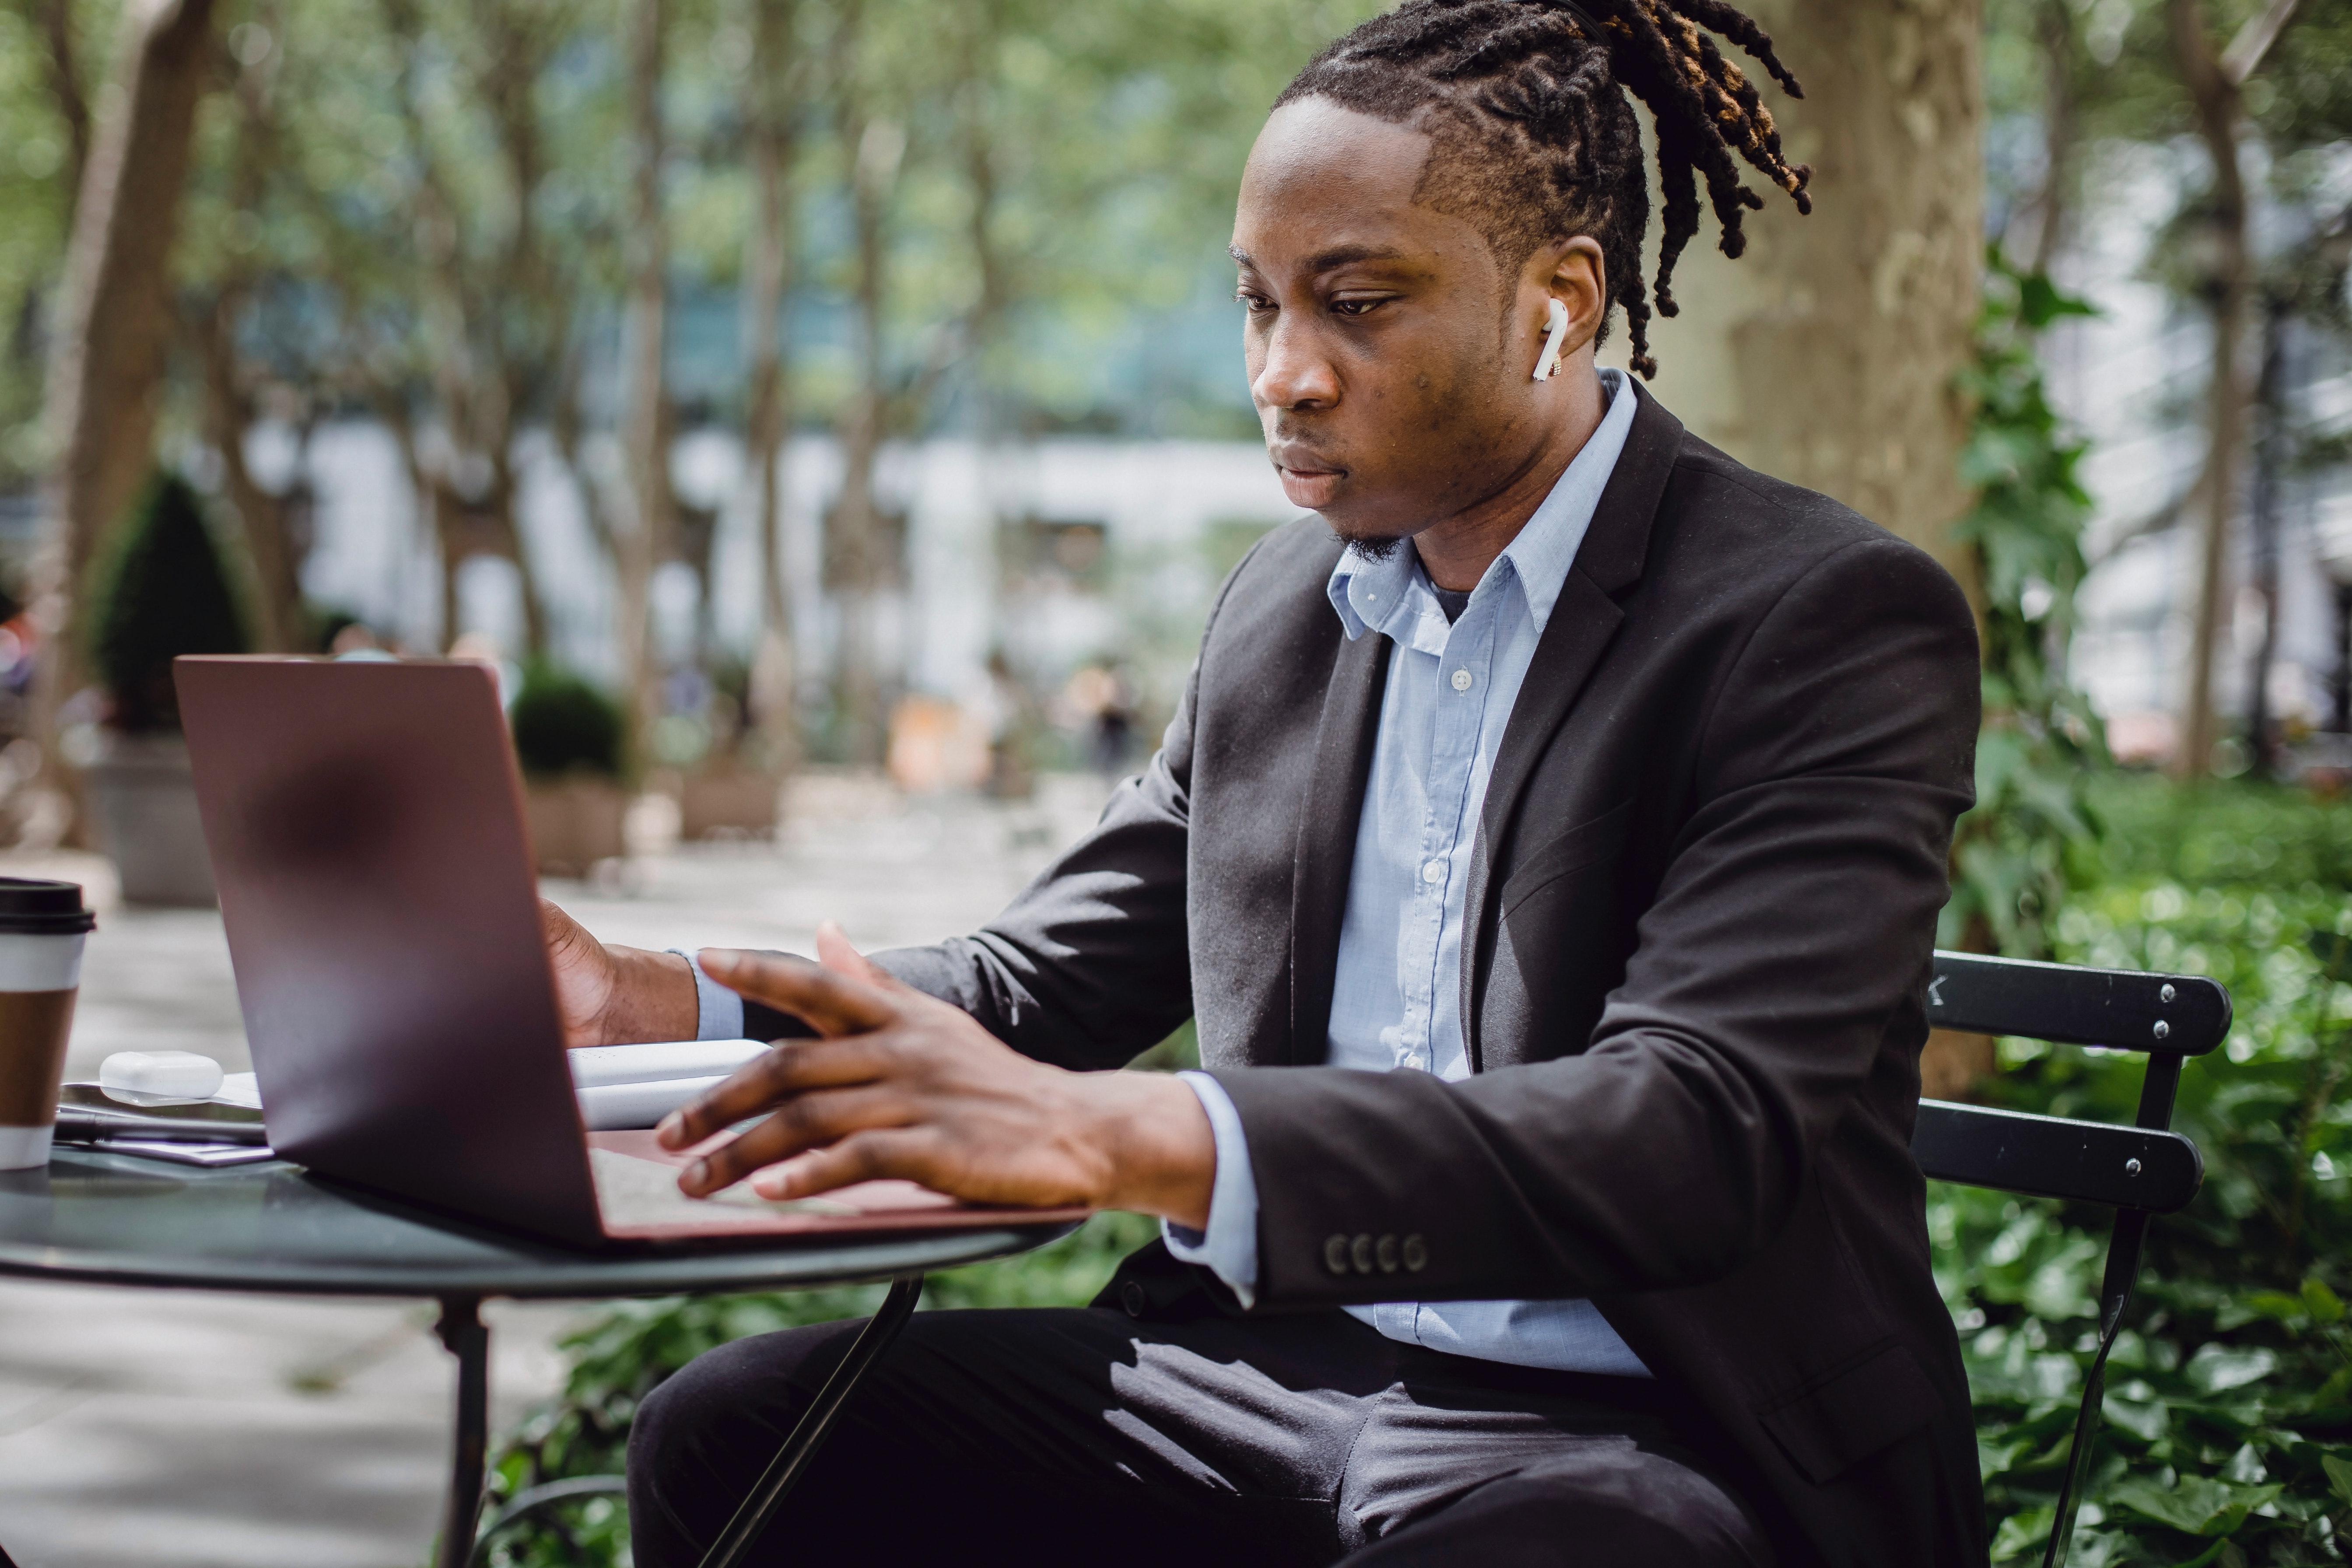 Persona trabajando en laptop (Cortesía de Pexels)